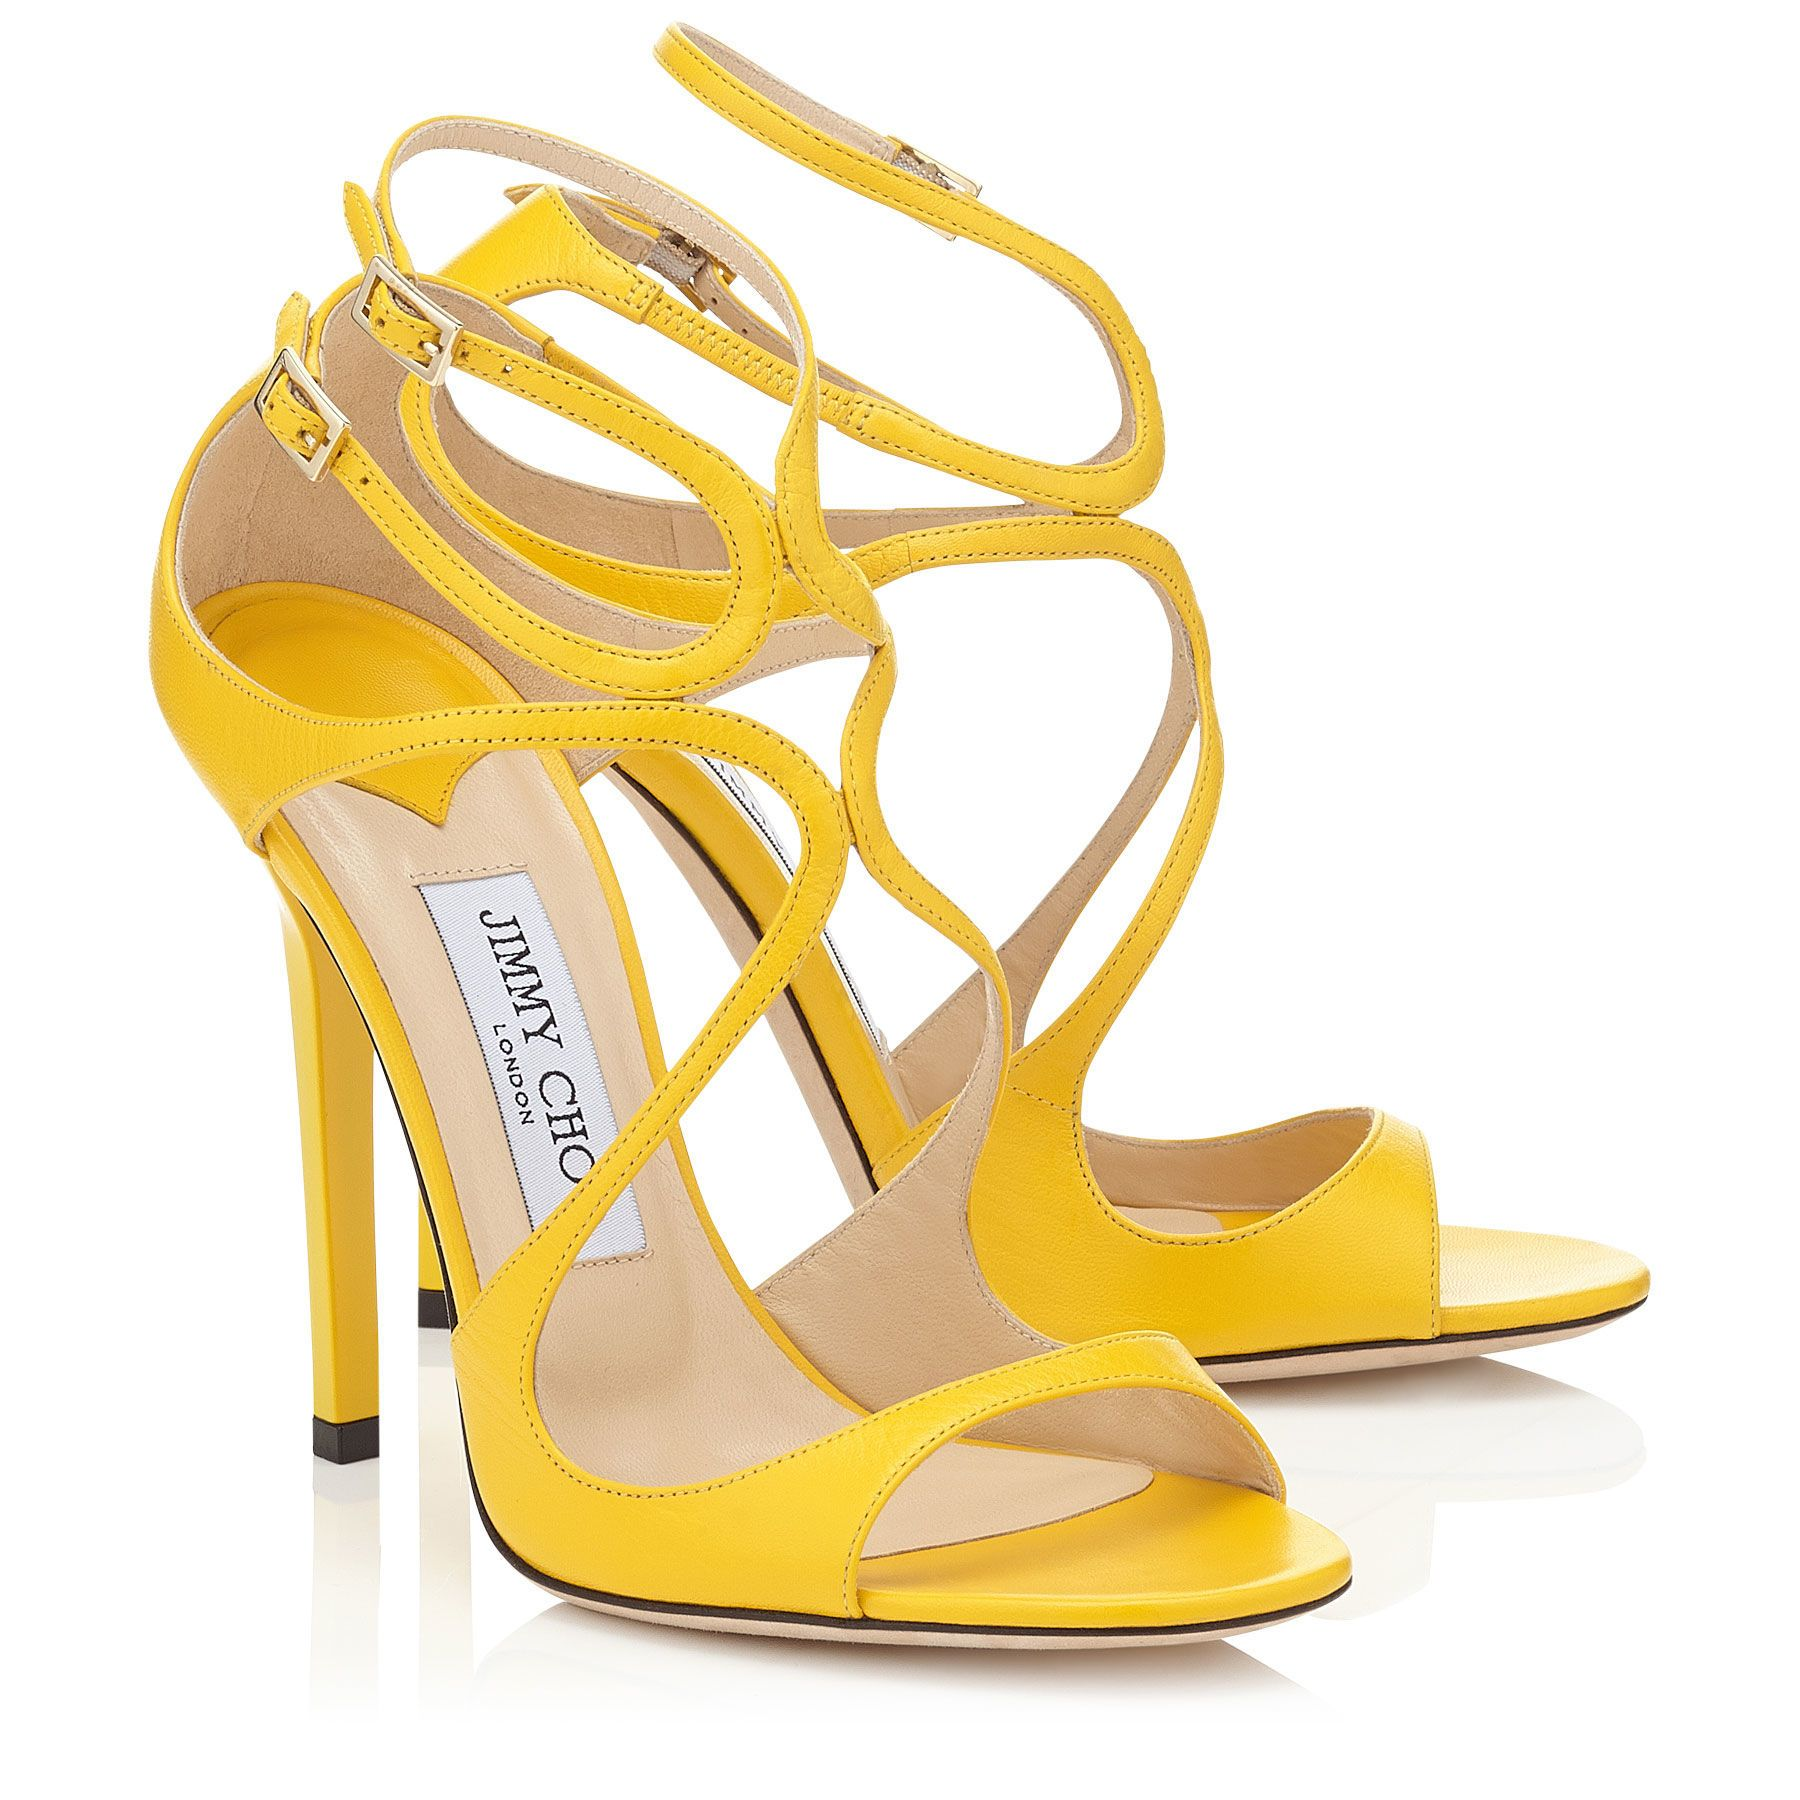 81442f523f88 Jimmy Choo heels